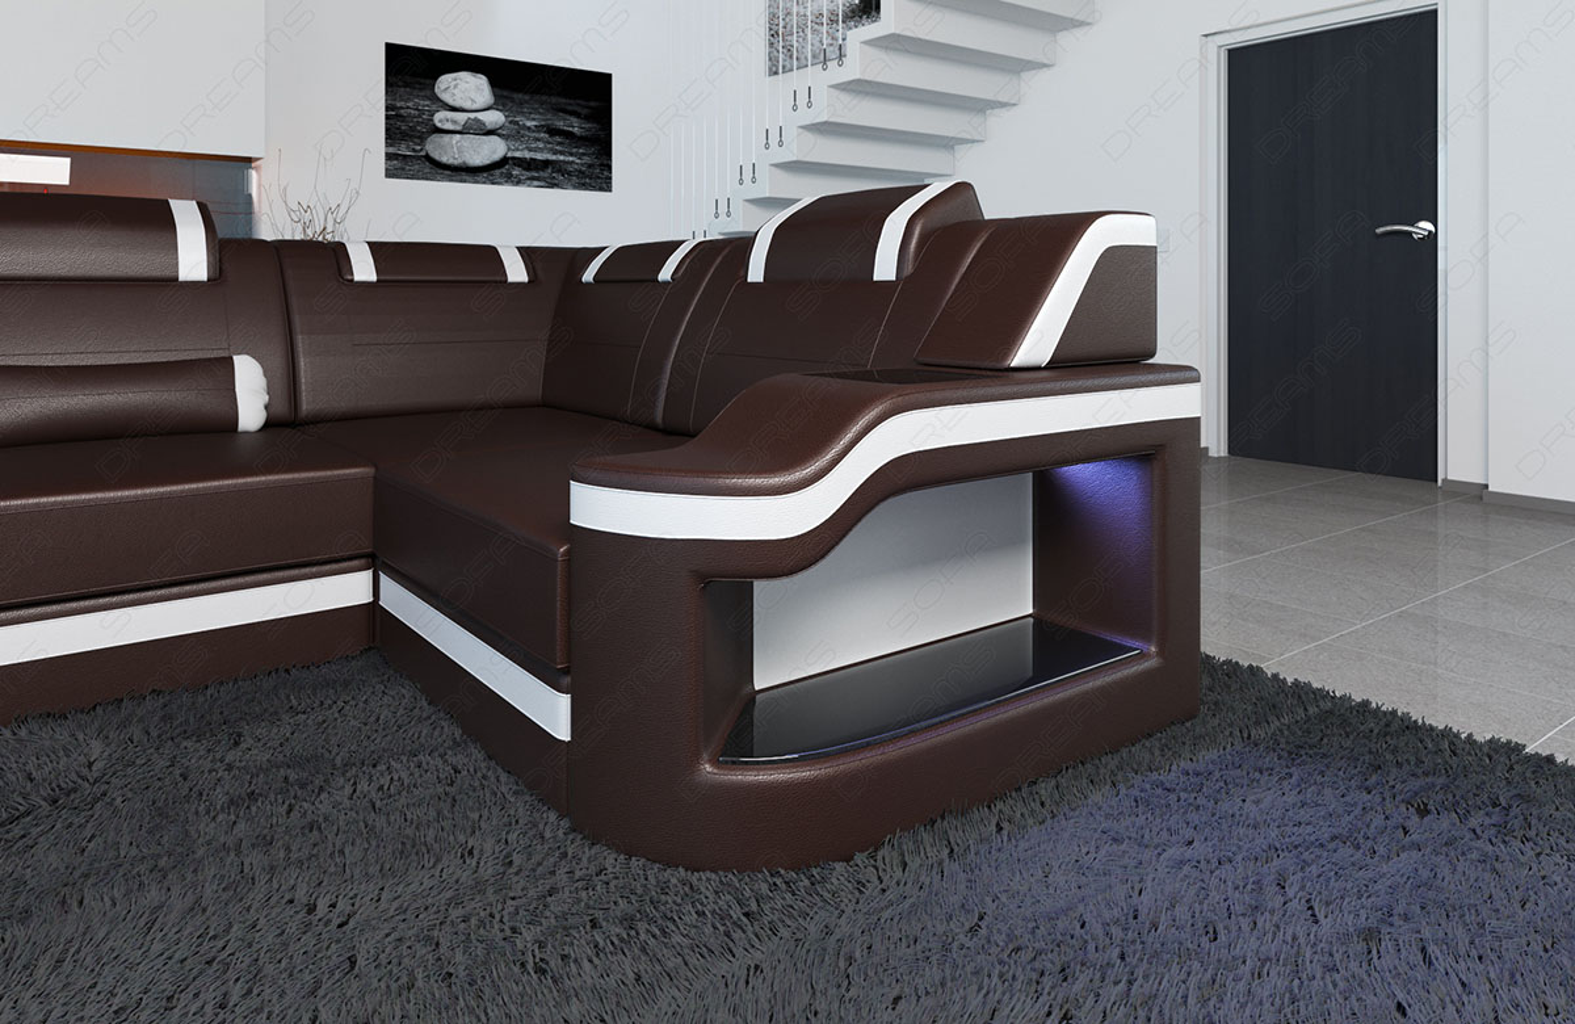 Designsofa palermo u form luxus couch garnitur led rgb for Ledercouch u form